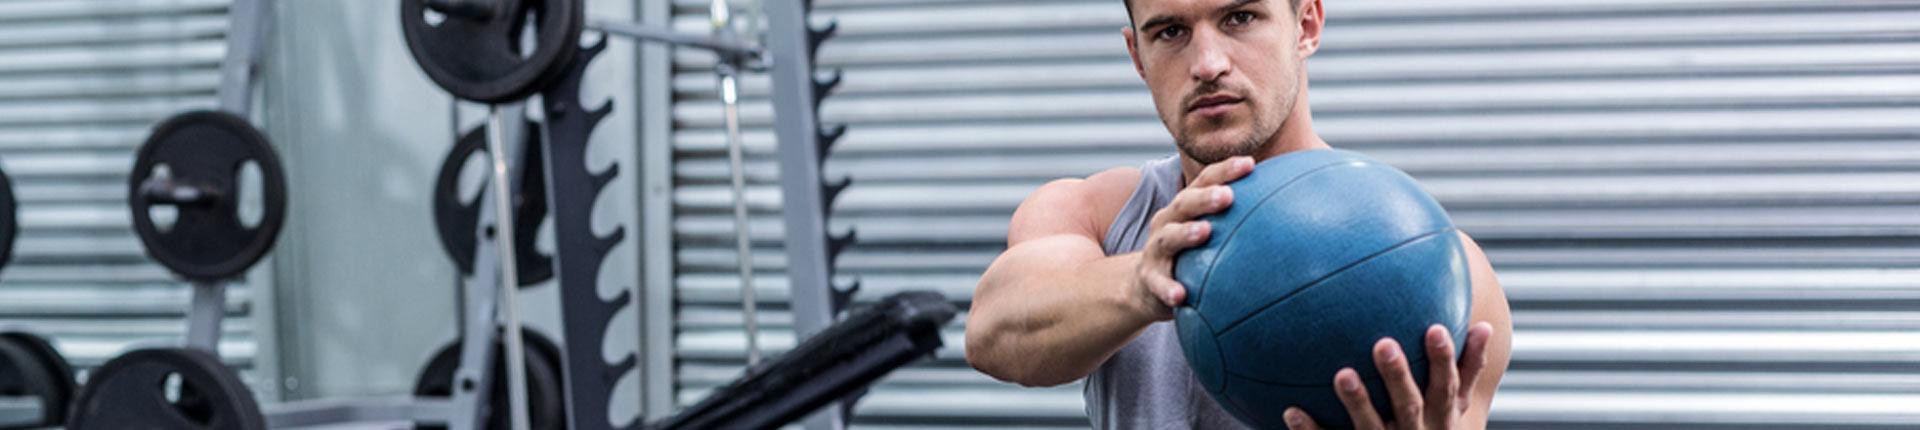 Rozgrzewka dynamiczna przed treningiem siłowym, czy jest potrzebna?